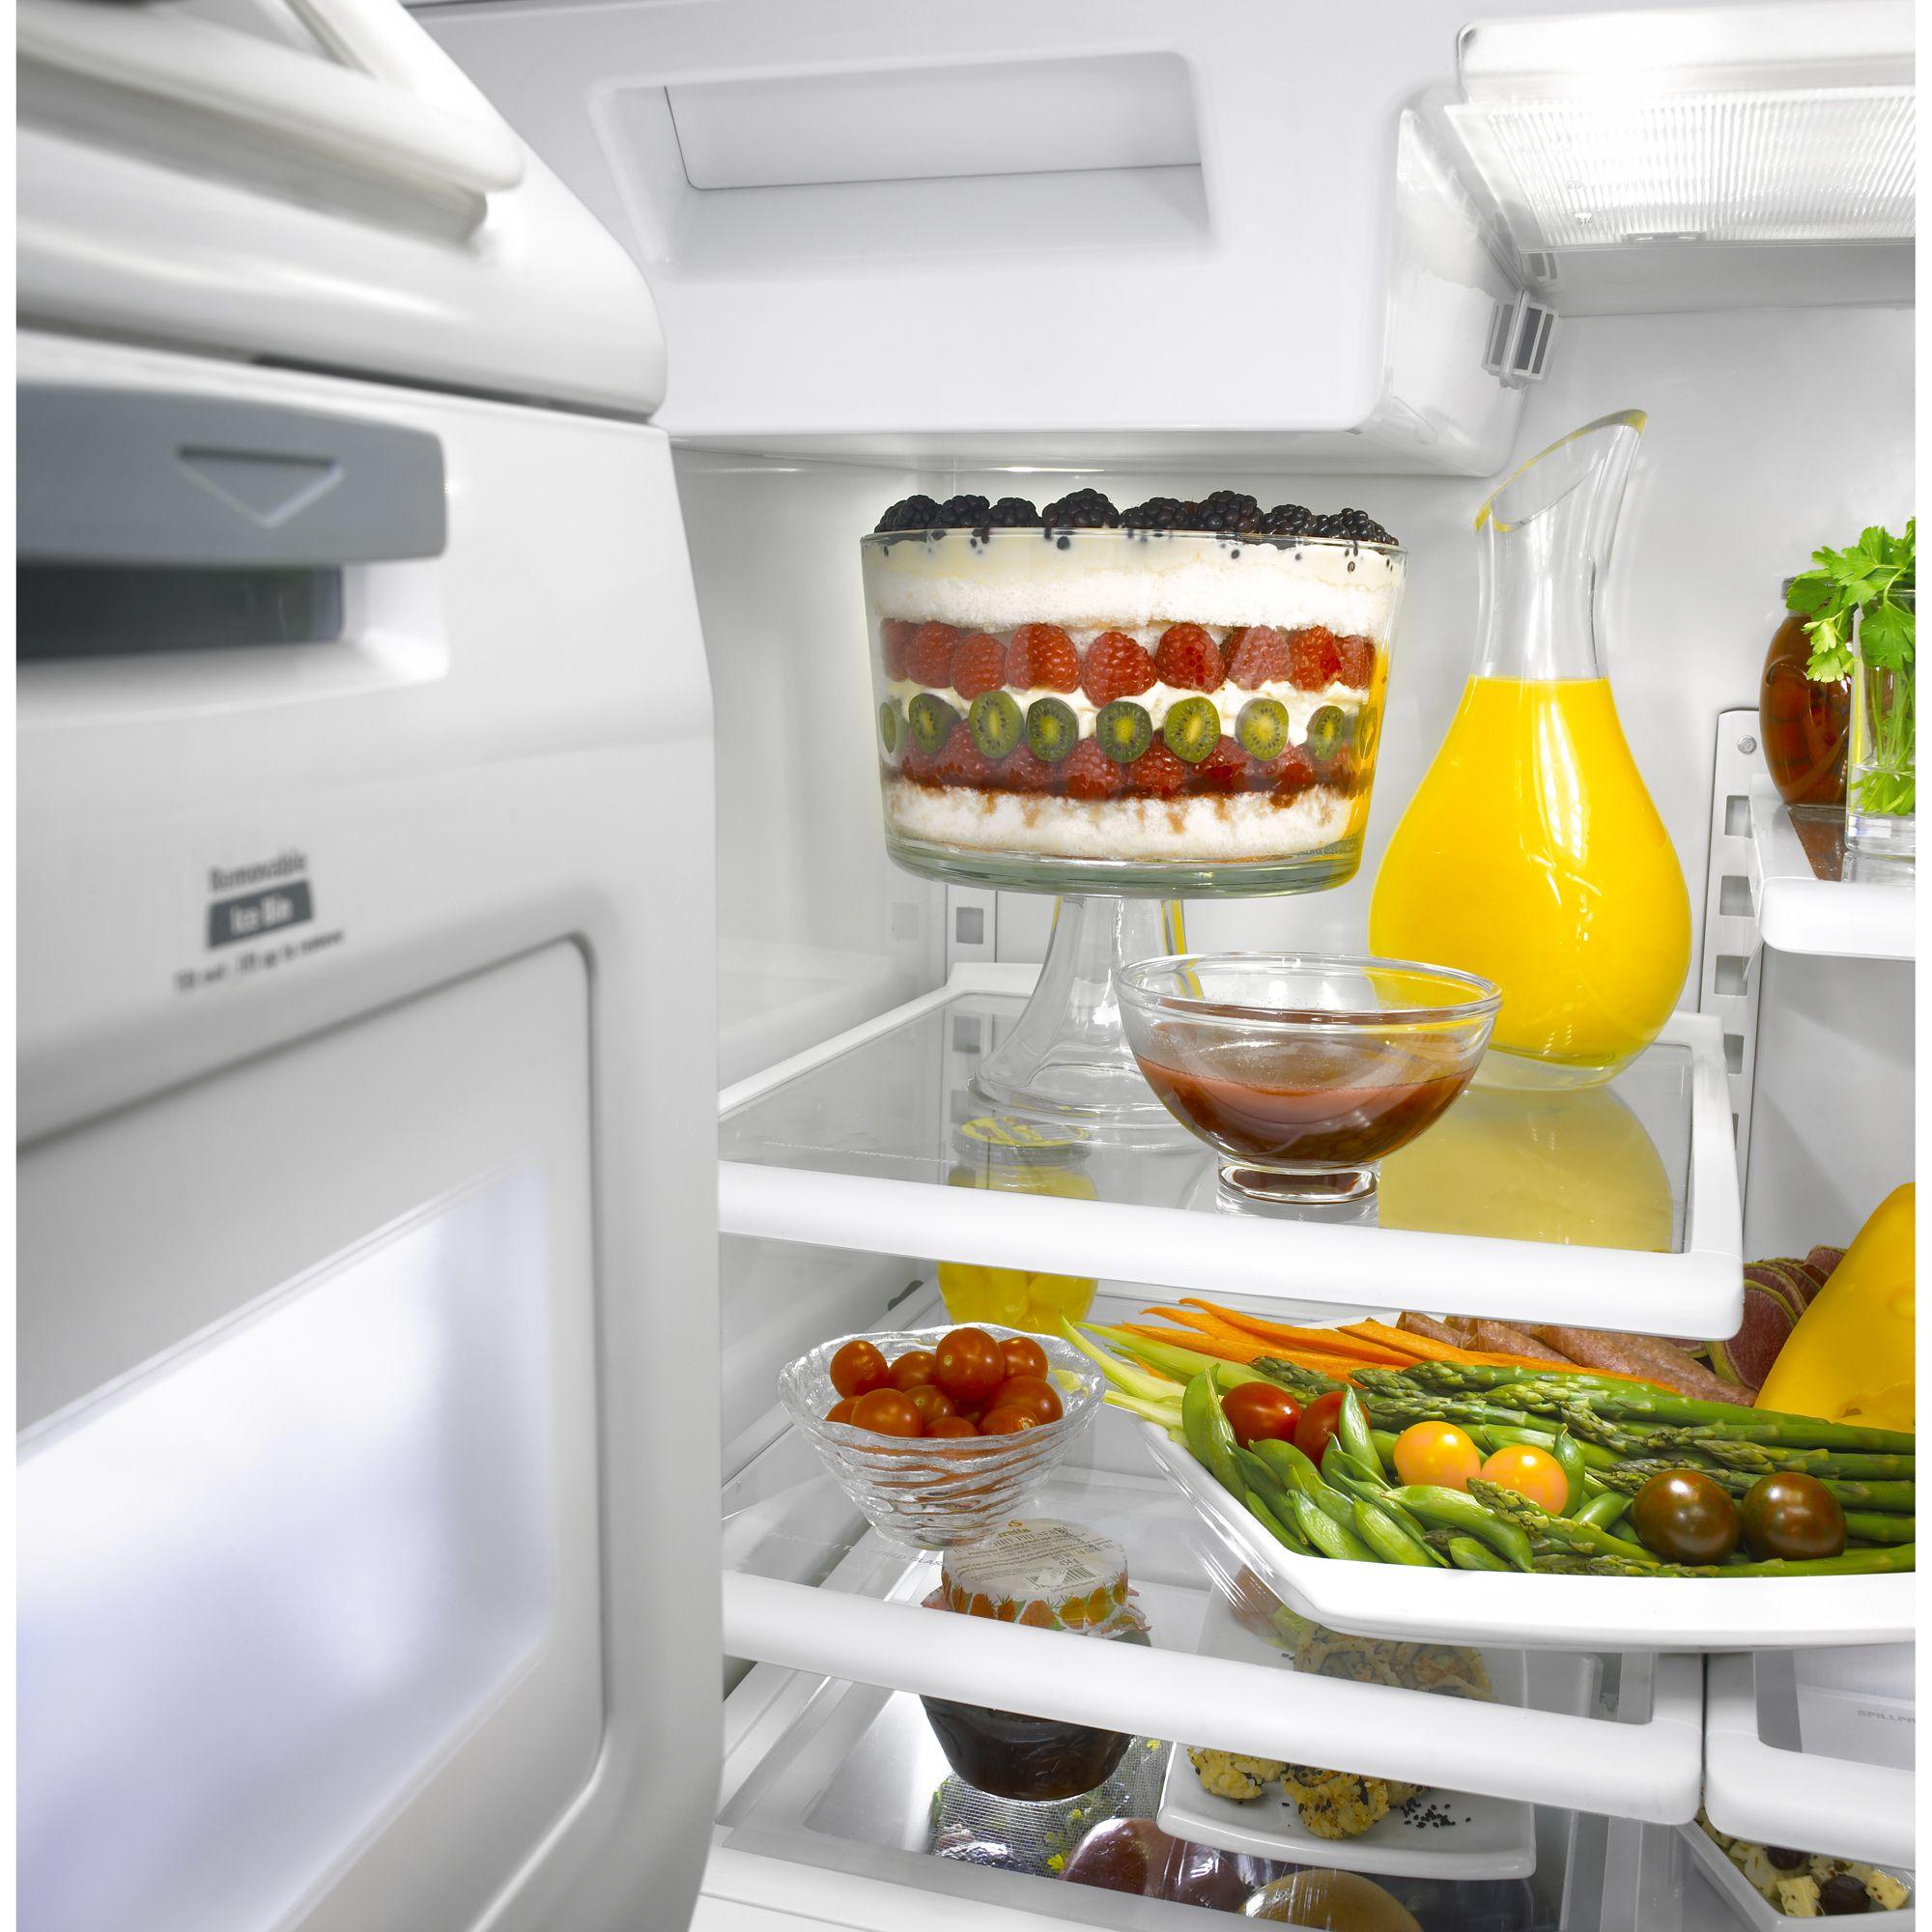 KitchenAid 26.6 cu. ft. French Door Bottom Freezer Refrigerator w/ Dispenser